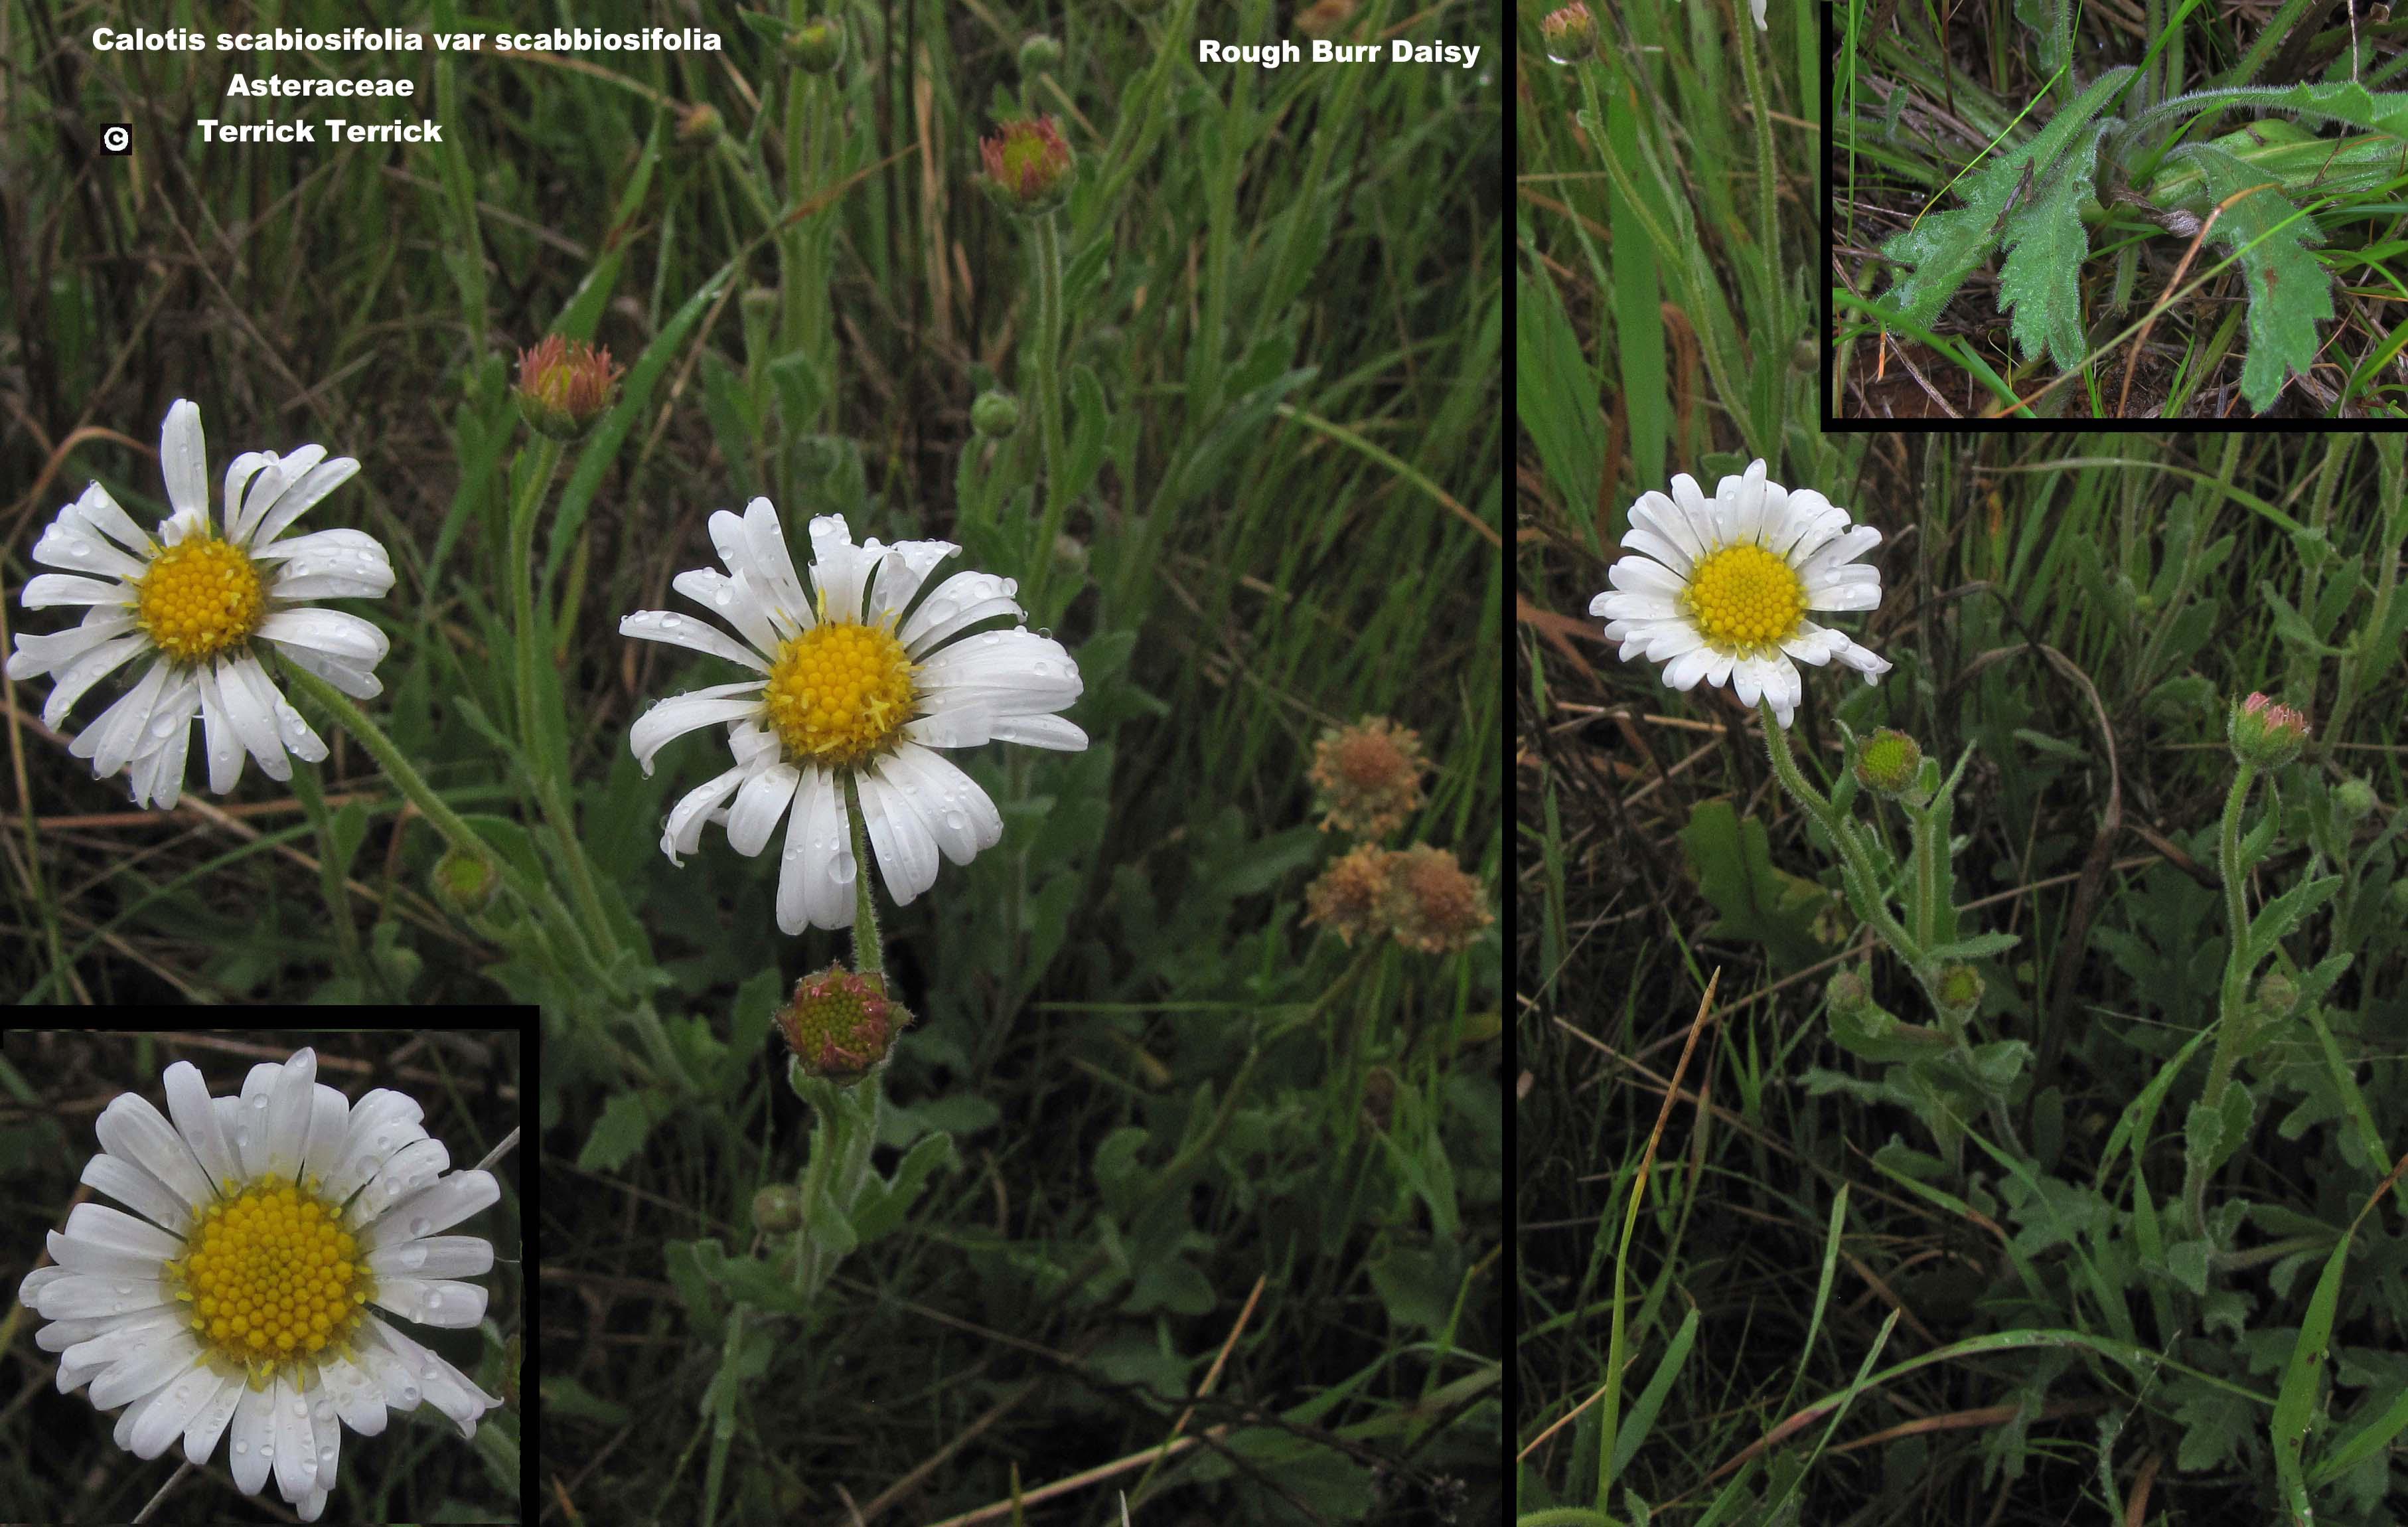 Rough Burr-daisy